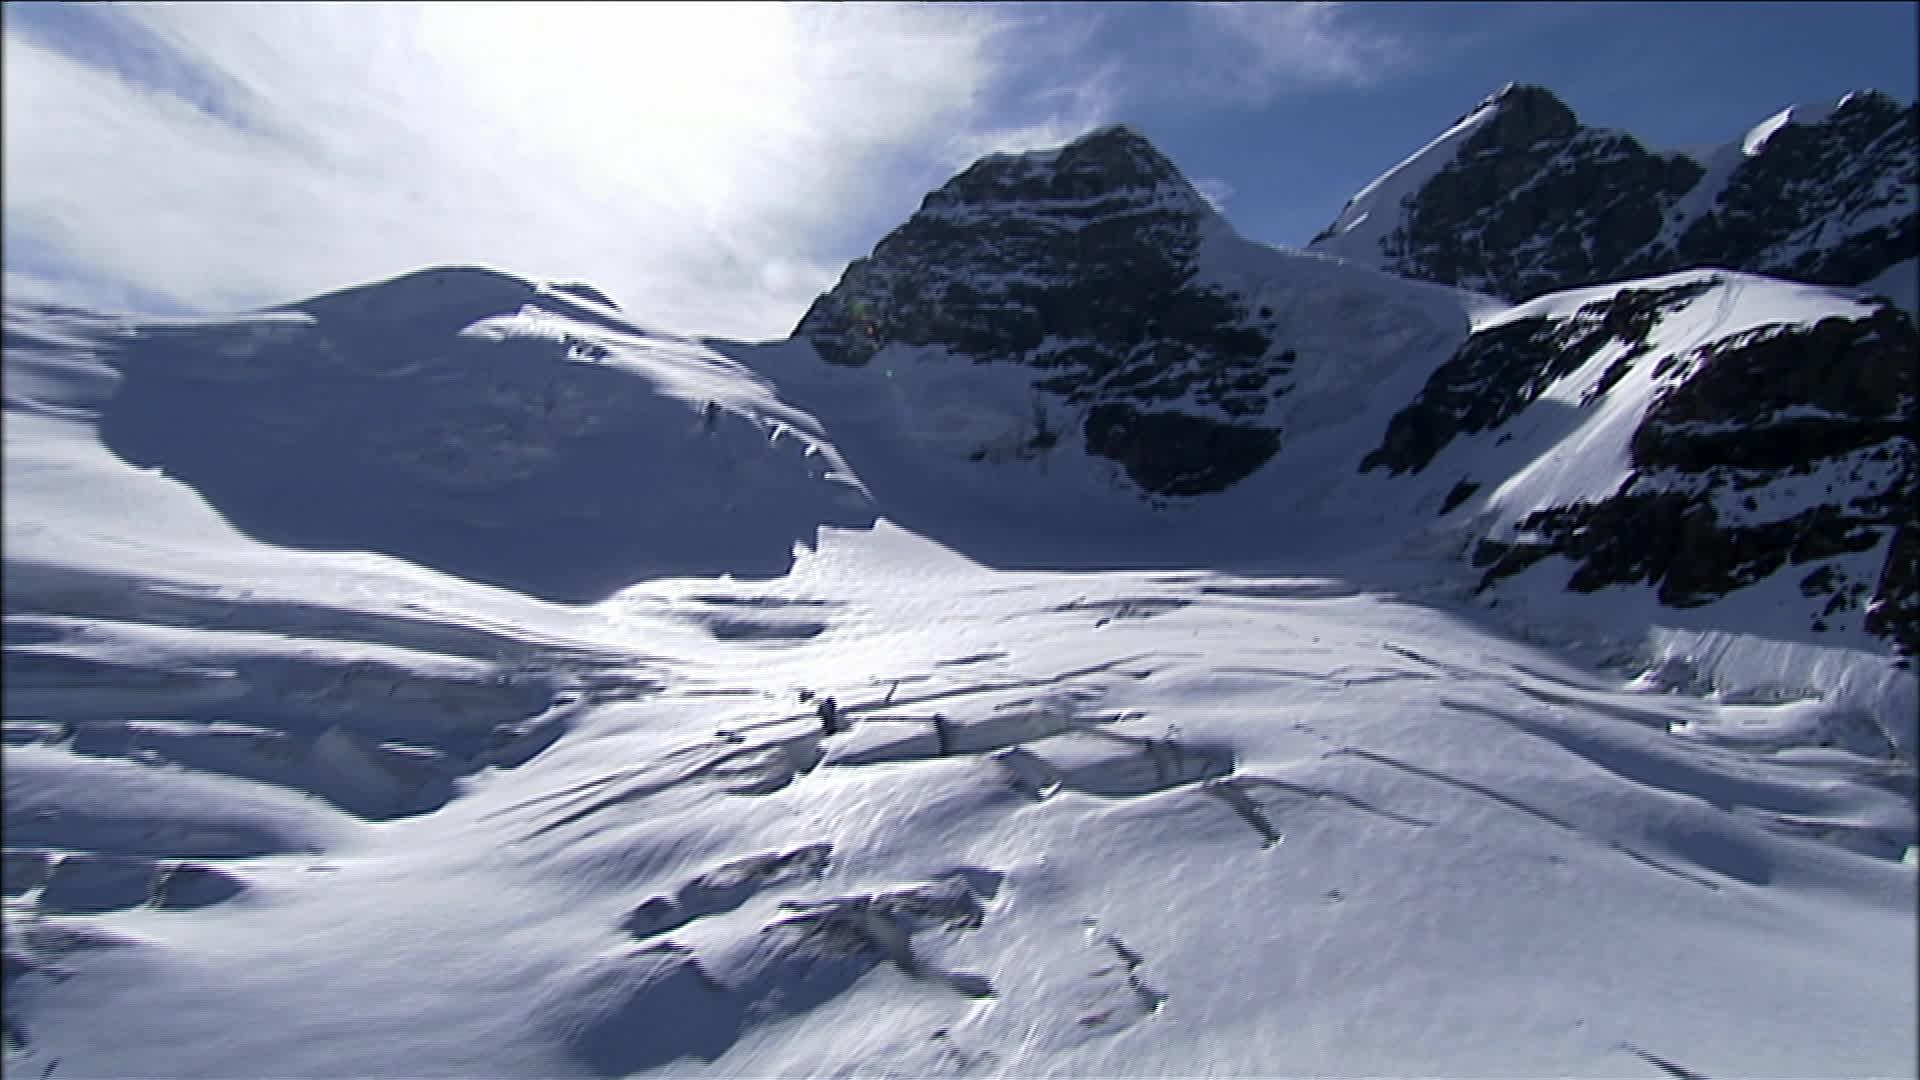 Le pergélisol - Suisse